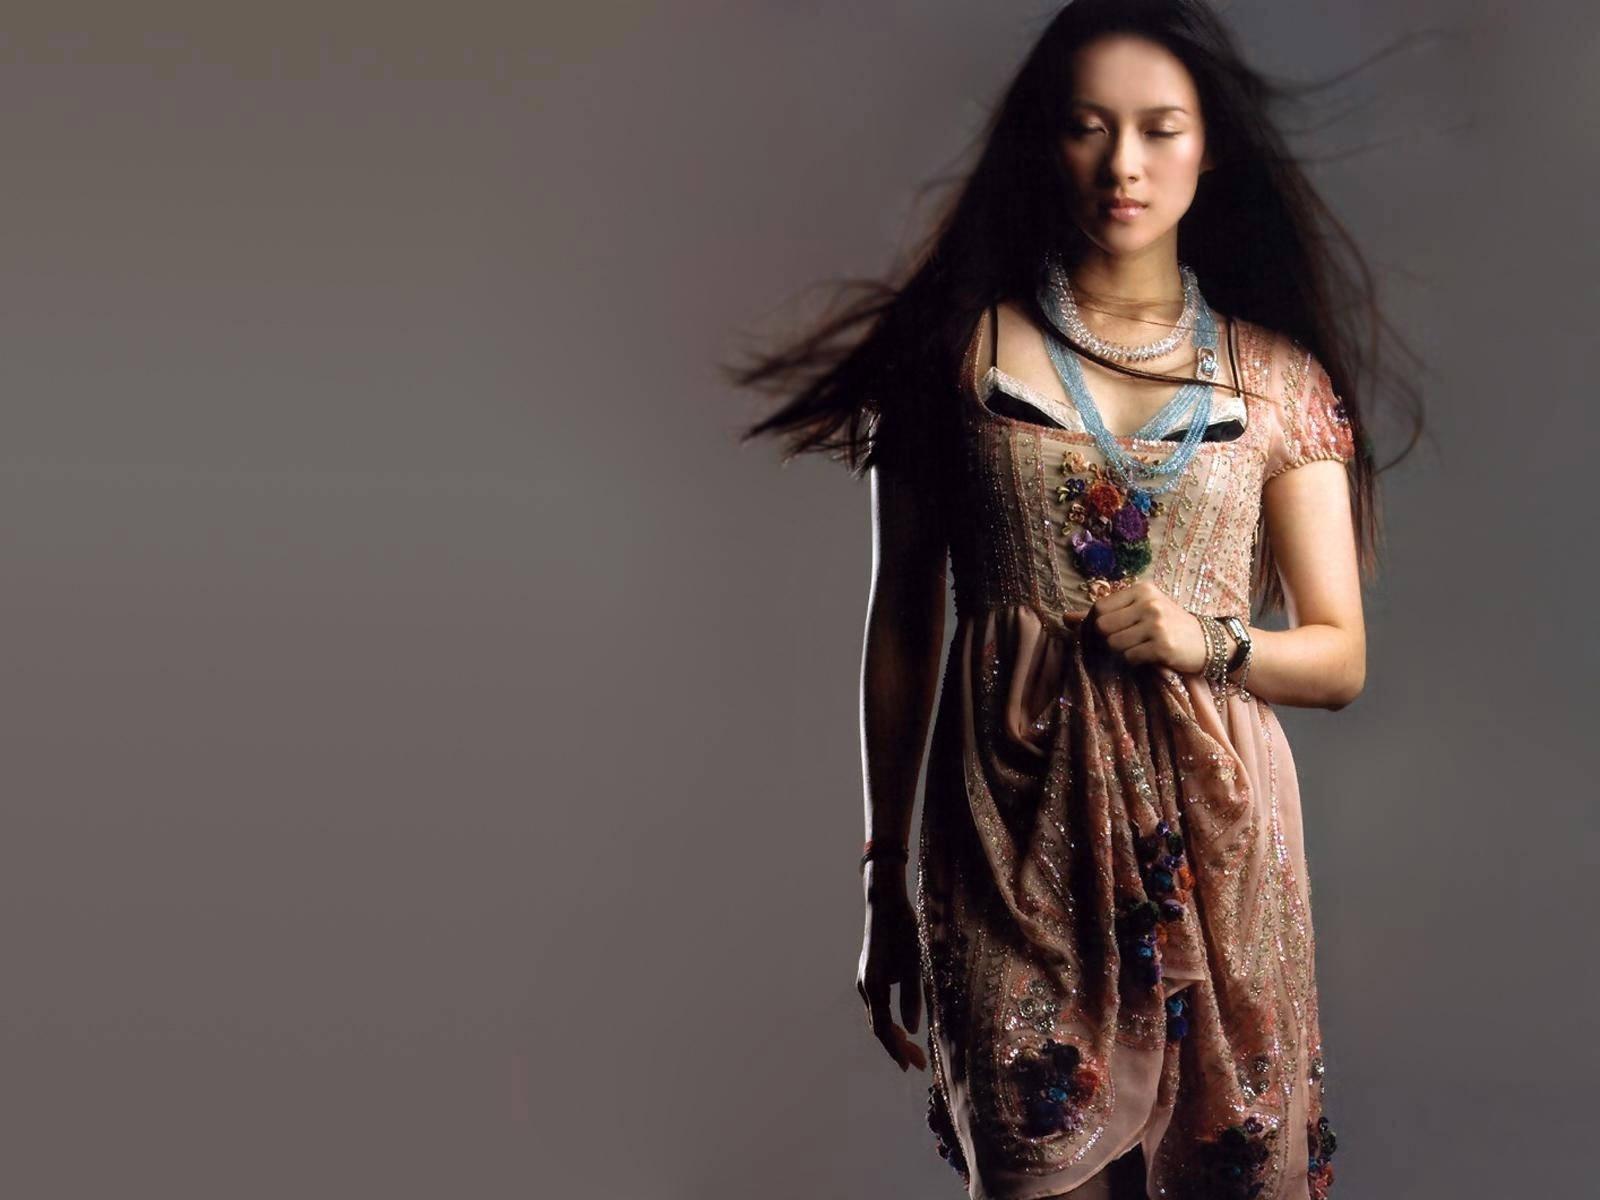 Wallpaper dell'attrice Zhang Ziyi, protagonista di numerosi cult orientali